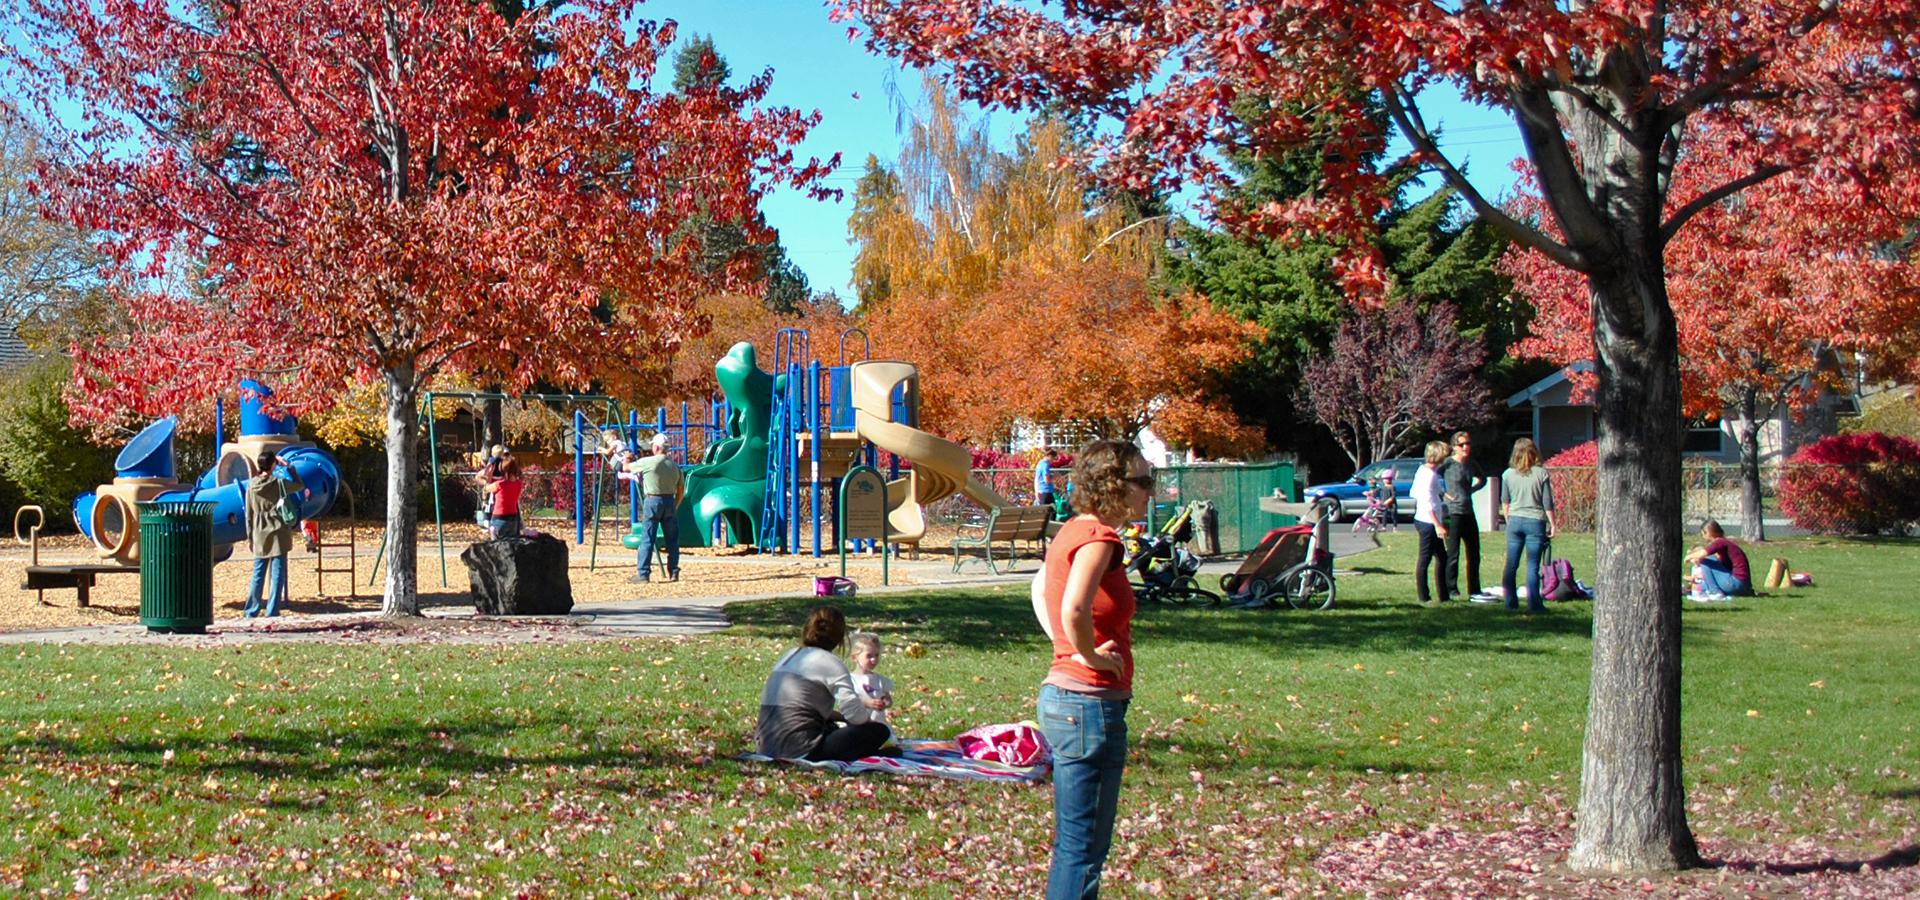 Harmon-Park-Playground